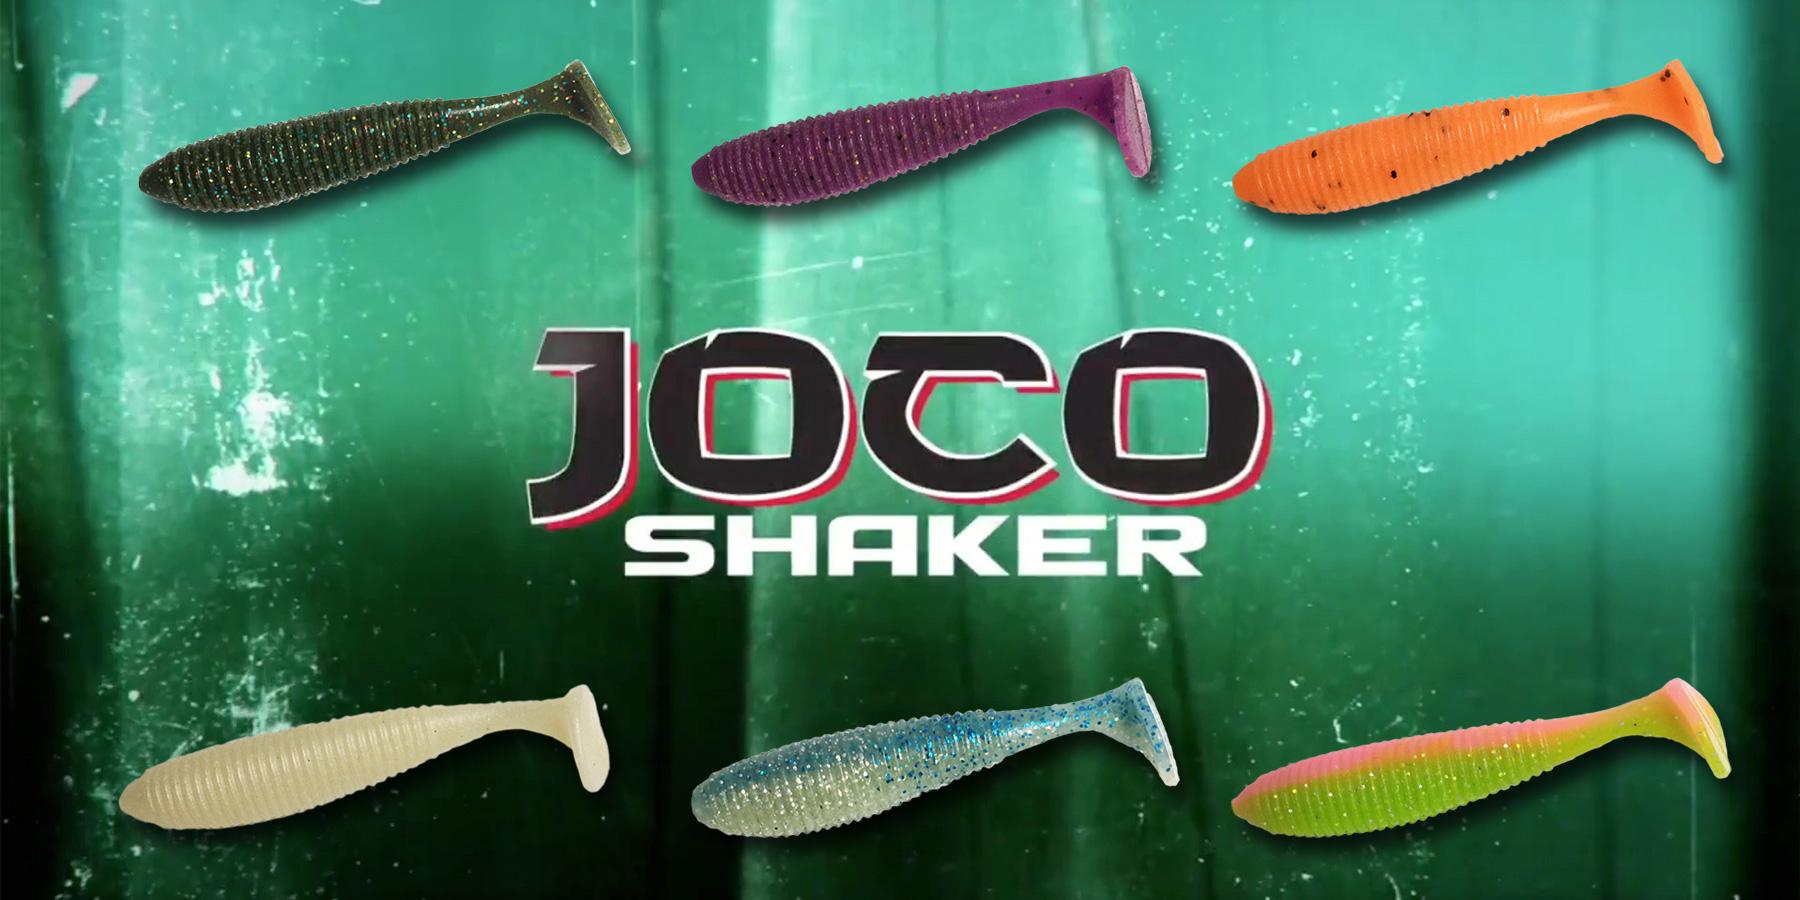 ジョコシェイカー(JOCO SHAKER)